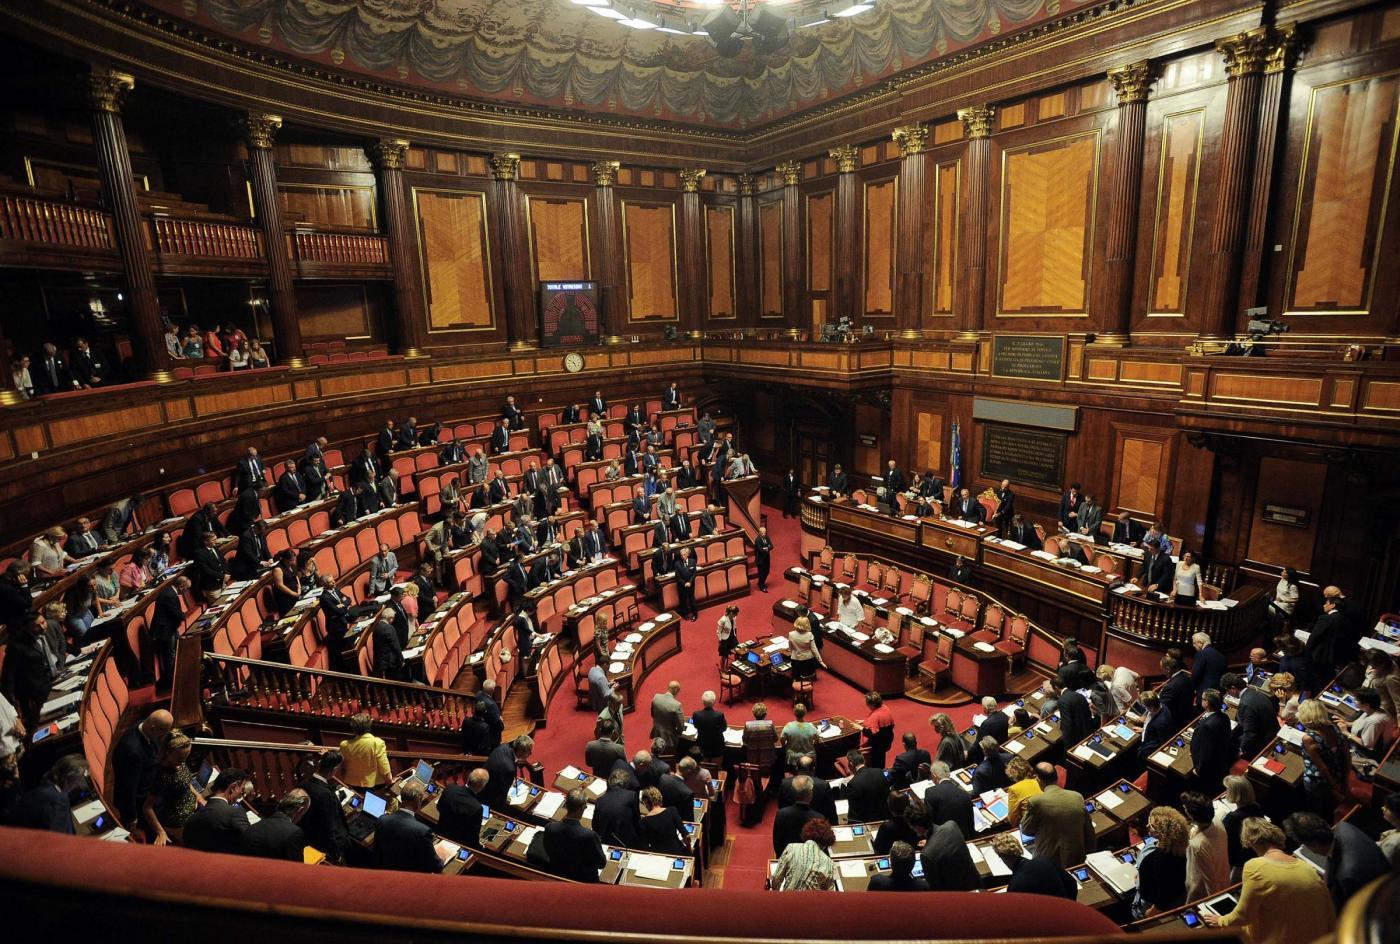 Pensioni d'oro in Italia: sono 30mila tra deputati, assessori e giudici